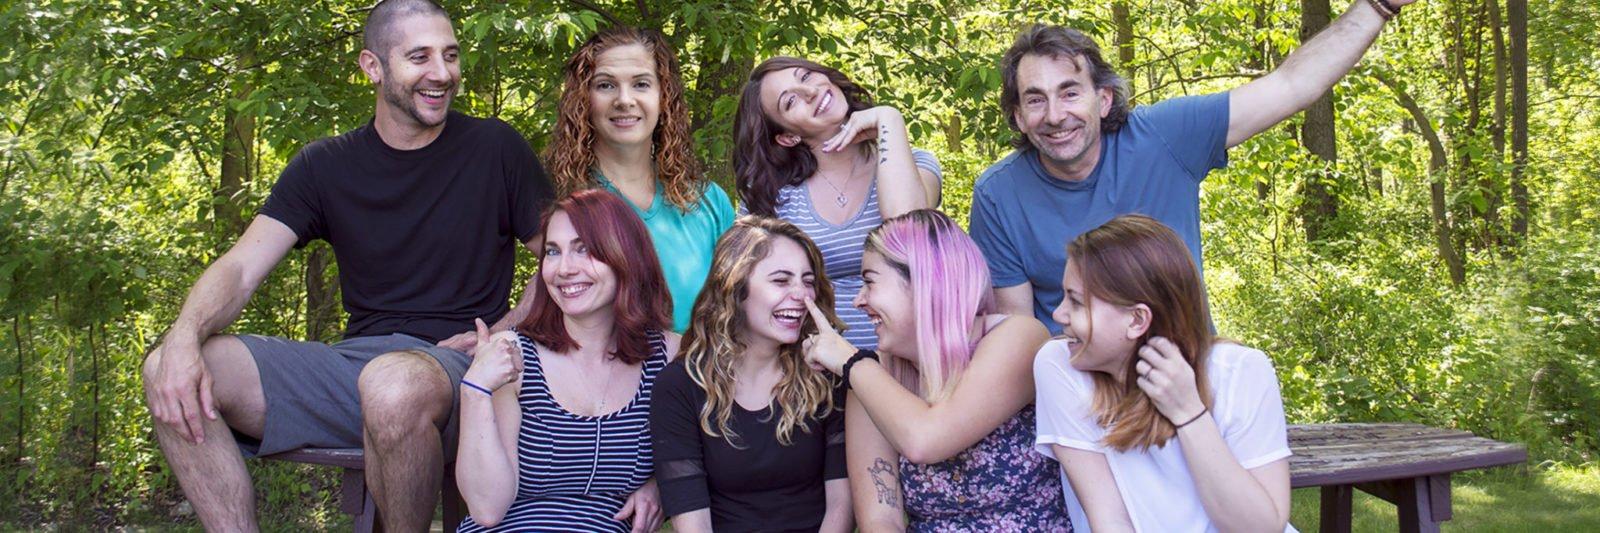 BizBudding team photo